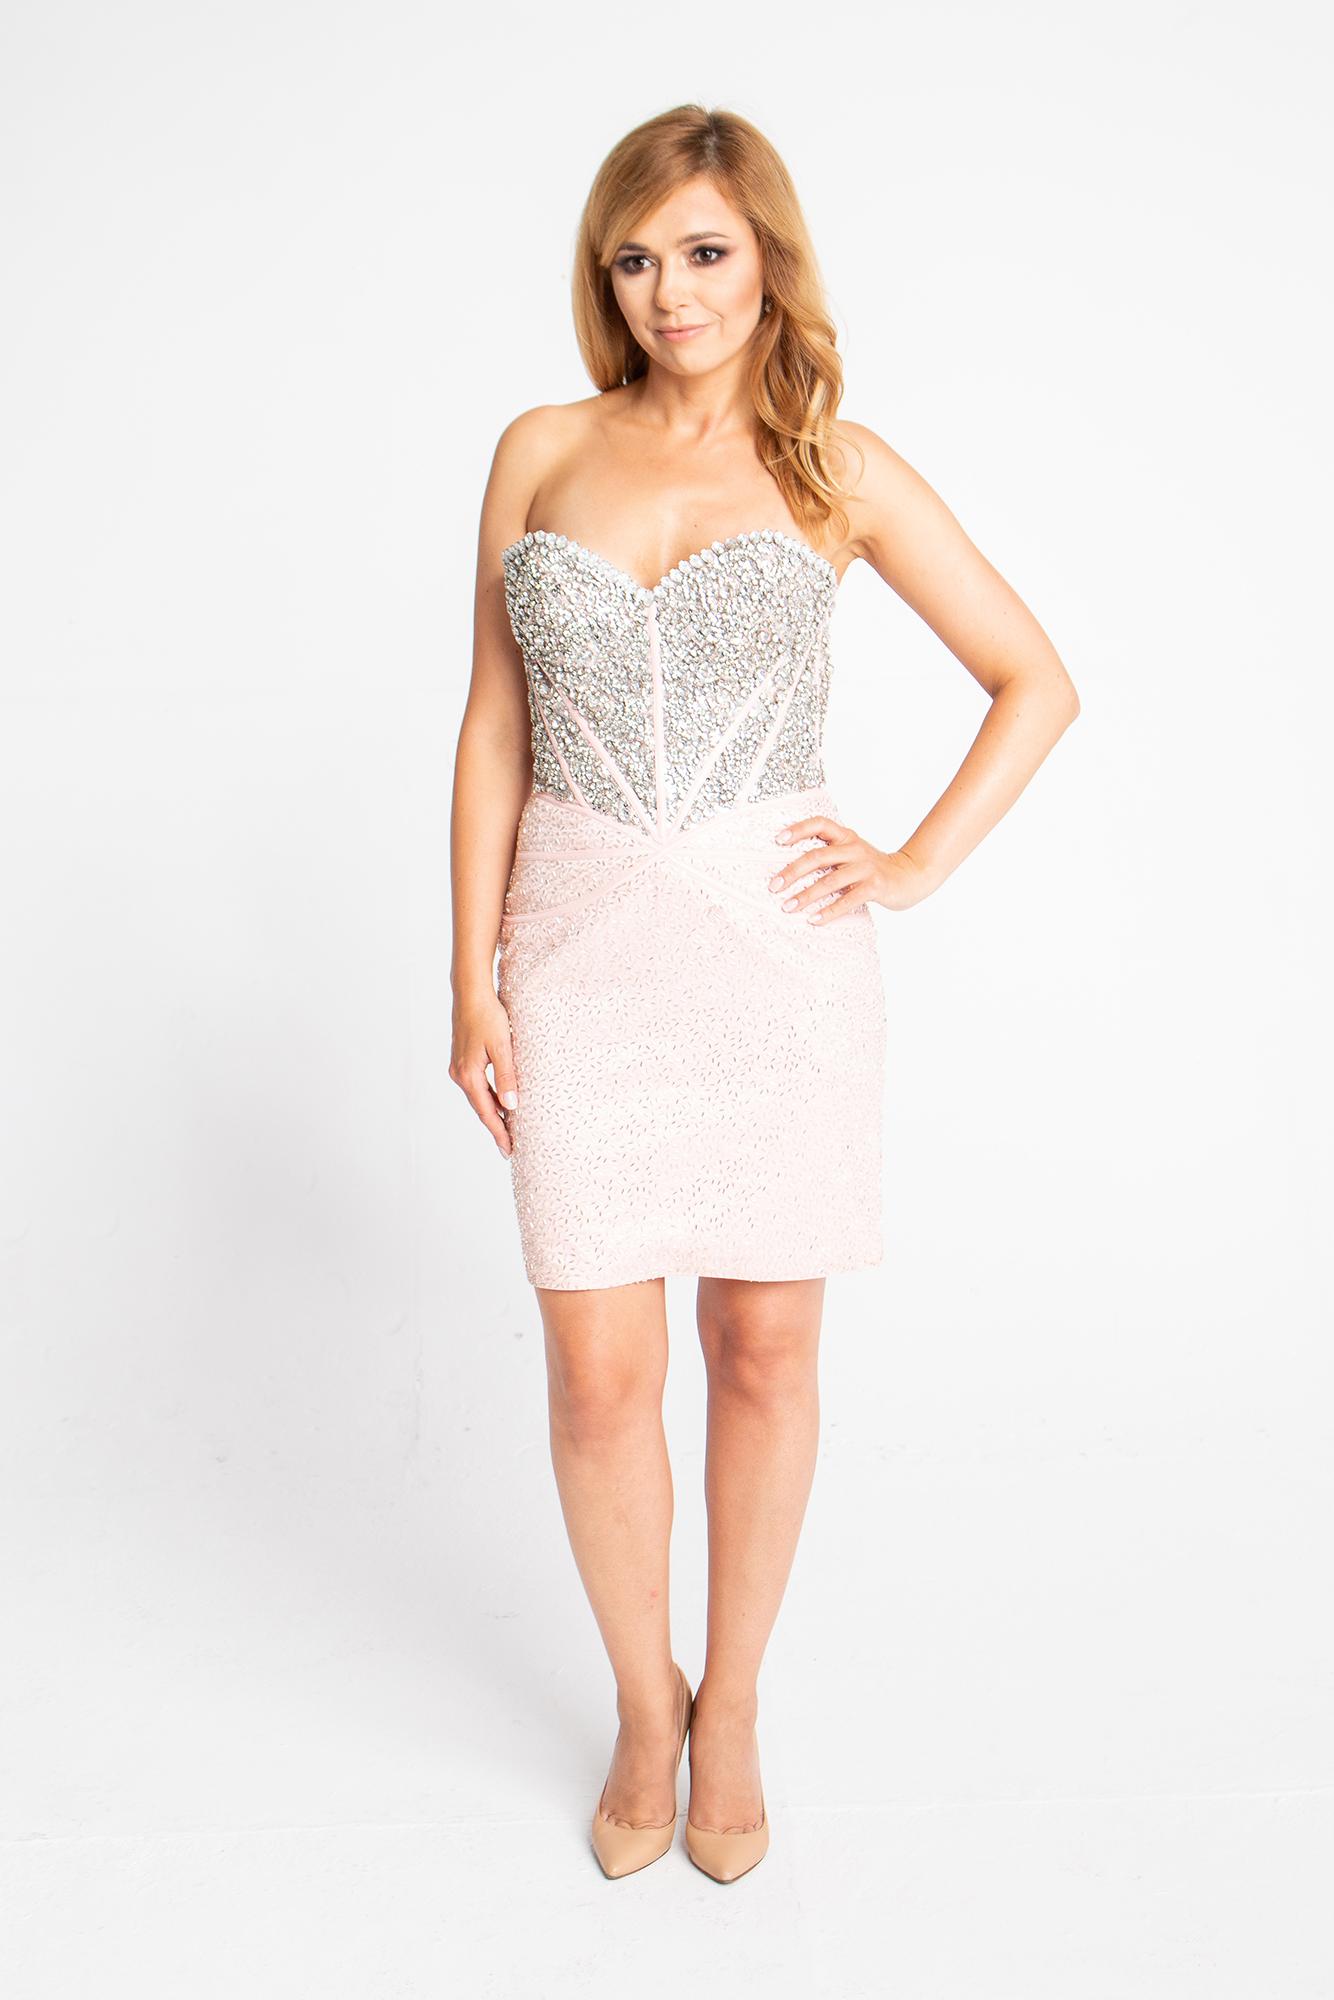 robe rose courte pour un mariage avec cr